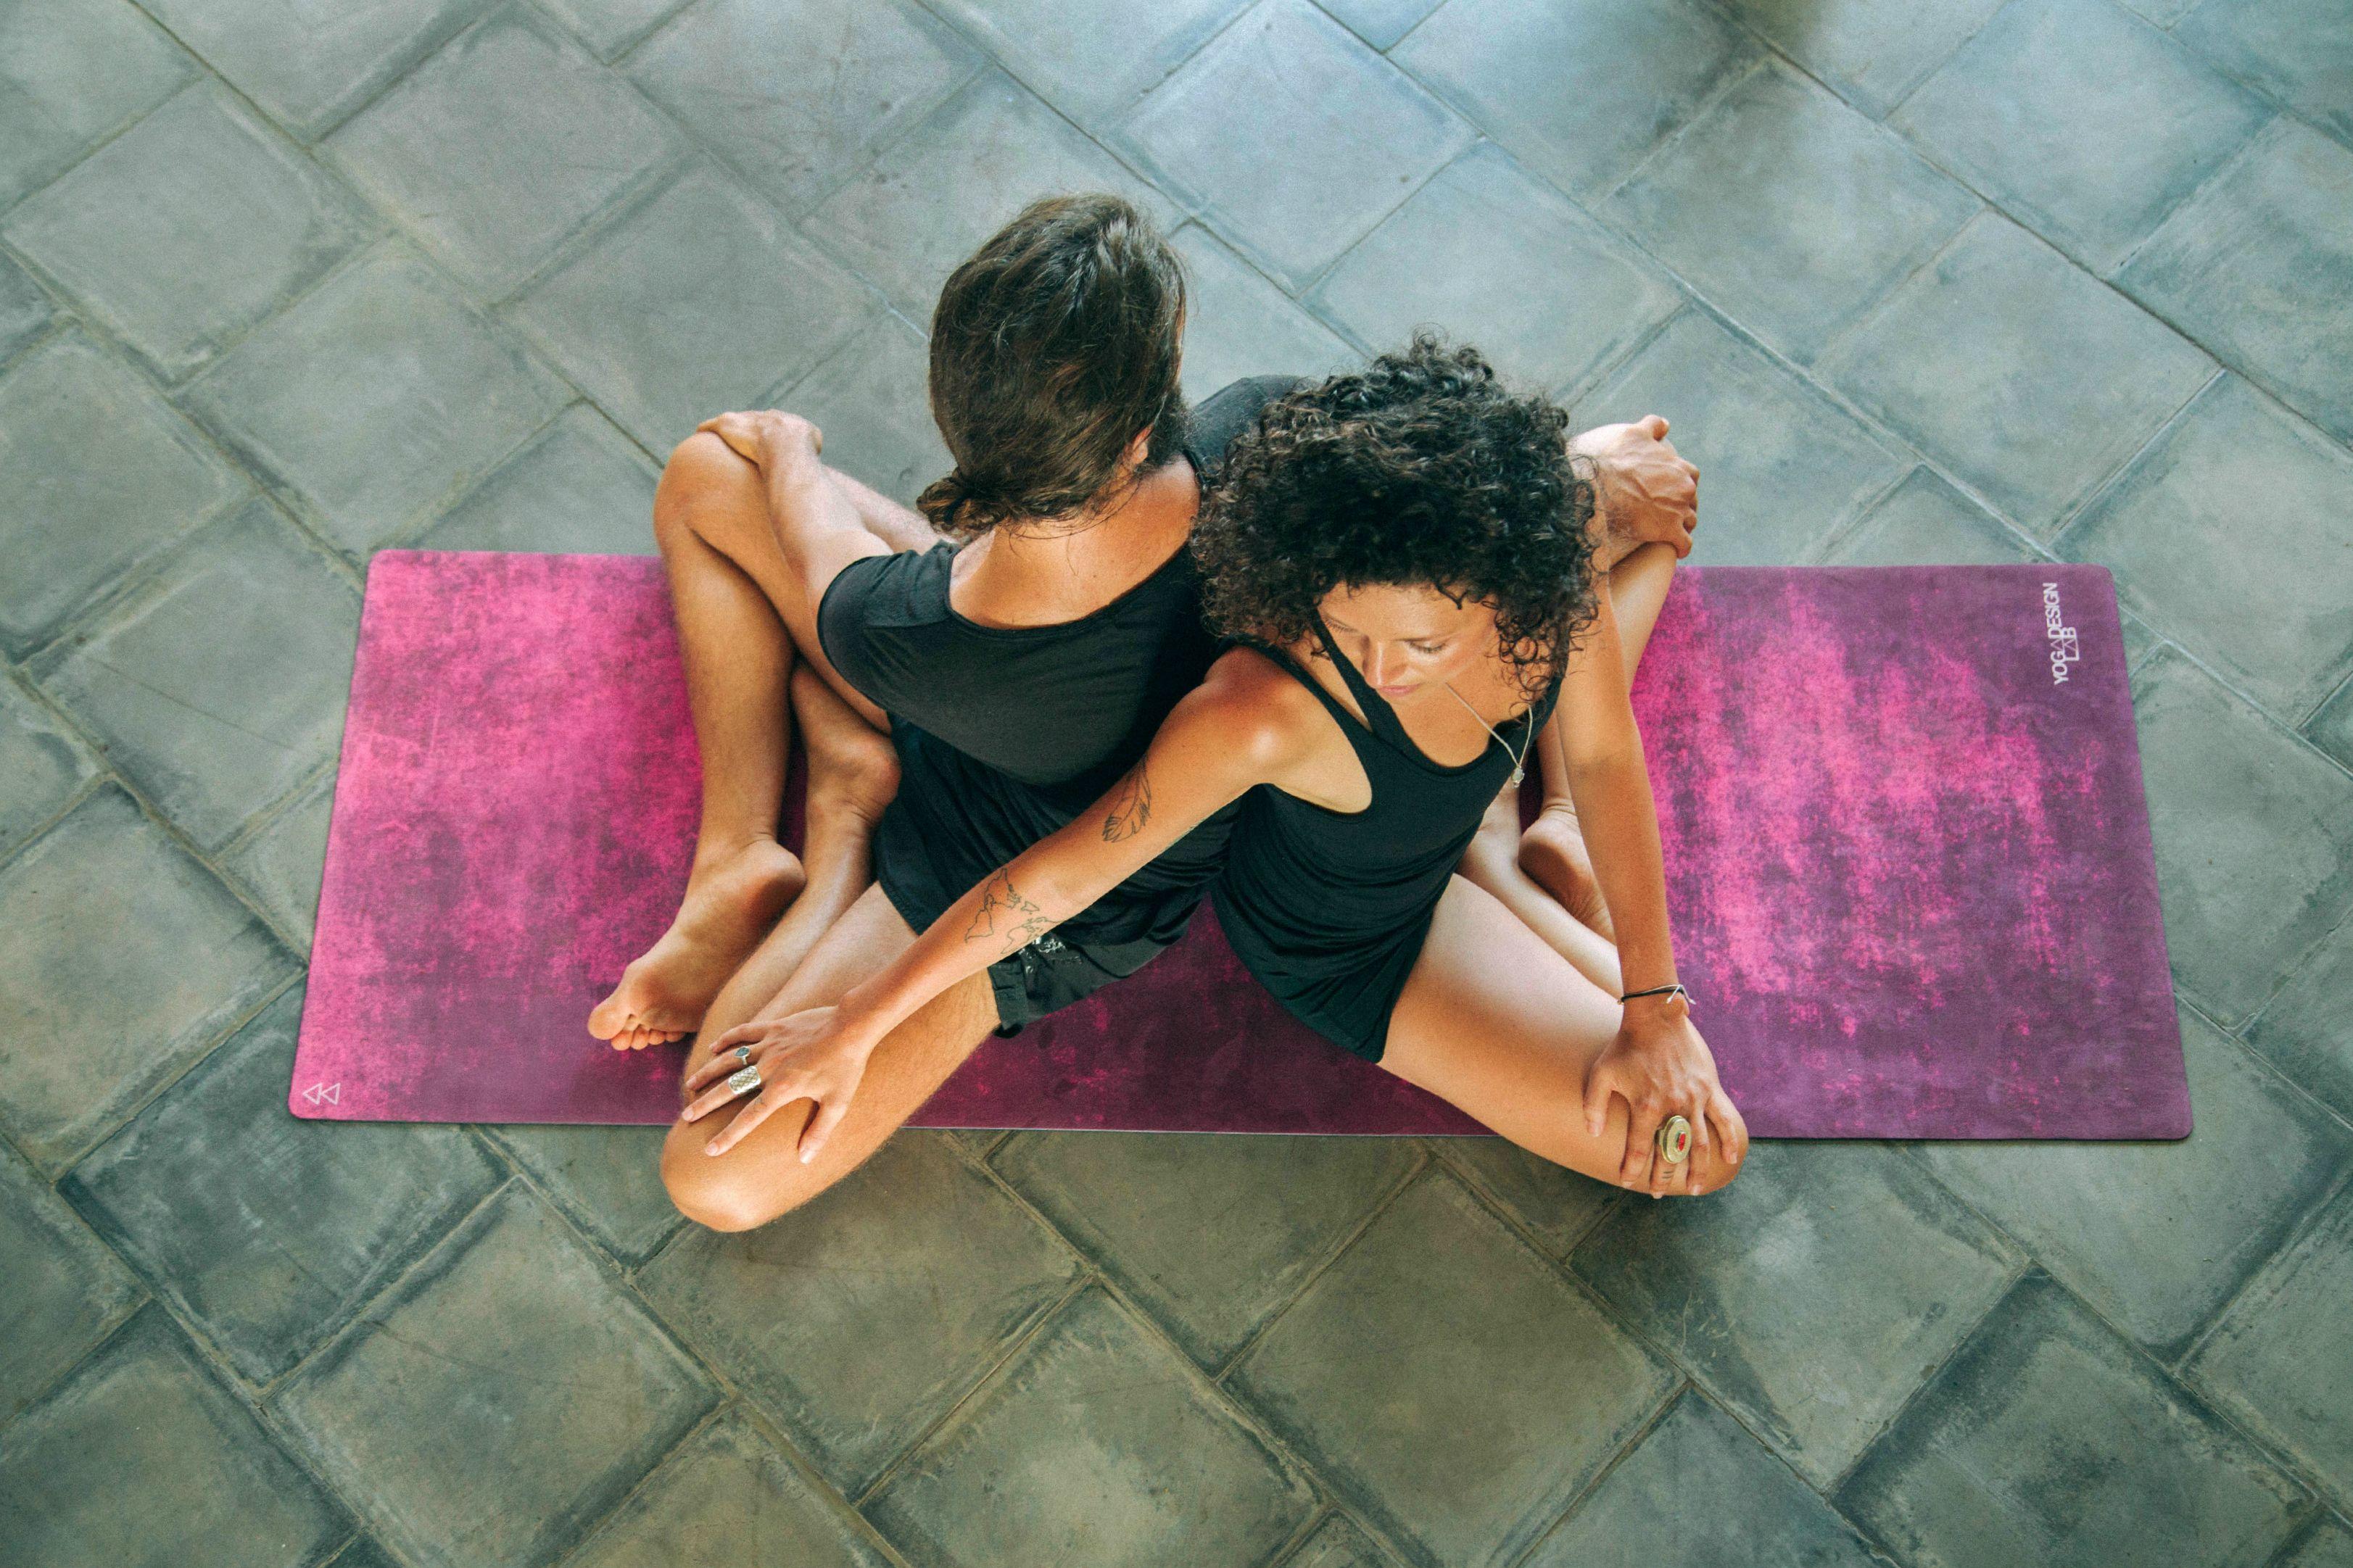 mat should doing if train downdog natural mats be yoga you jiu bikram jitsu a why symbiosis